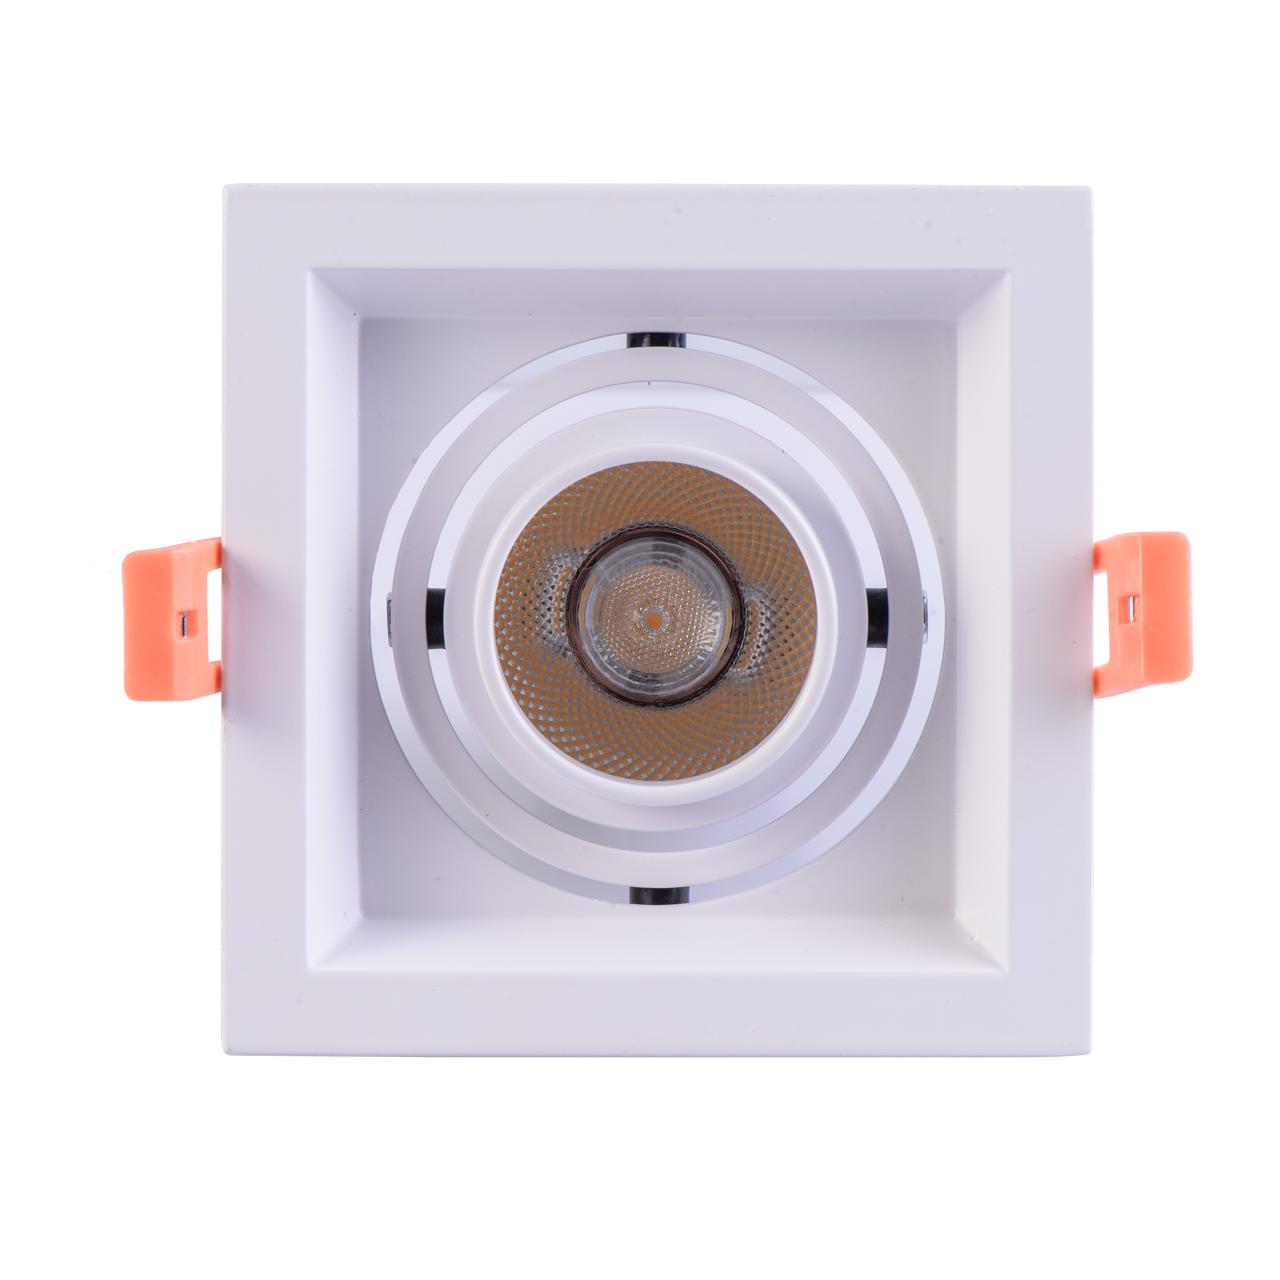 Светильник De markt 637016101 1/7w led светильник de markt 813010401